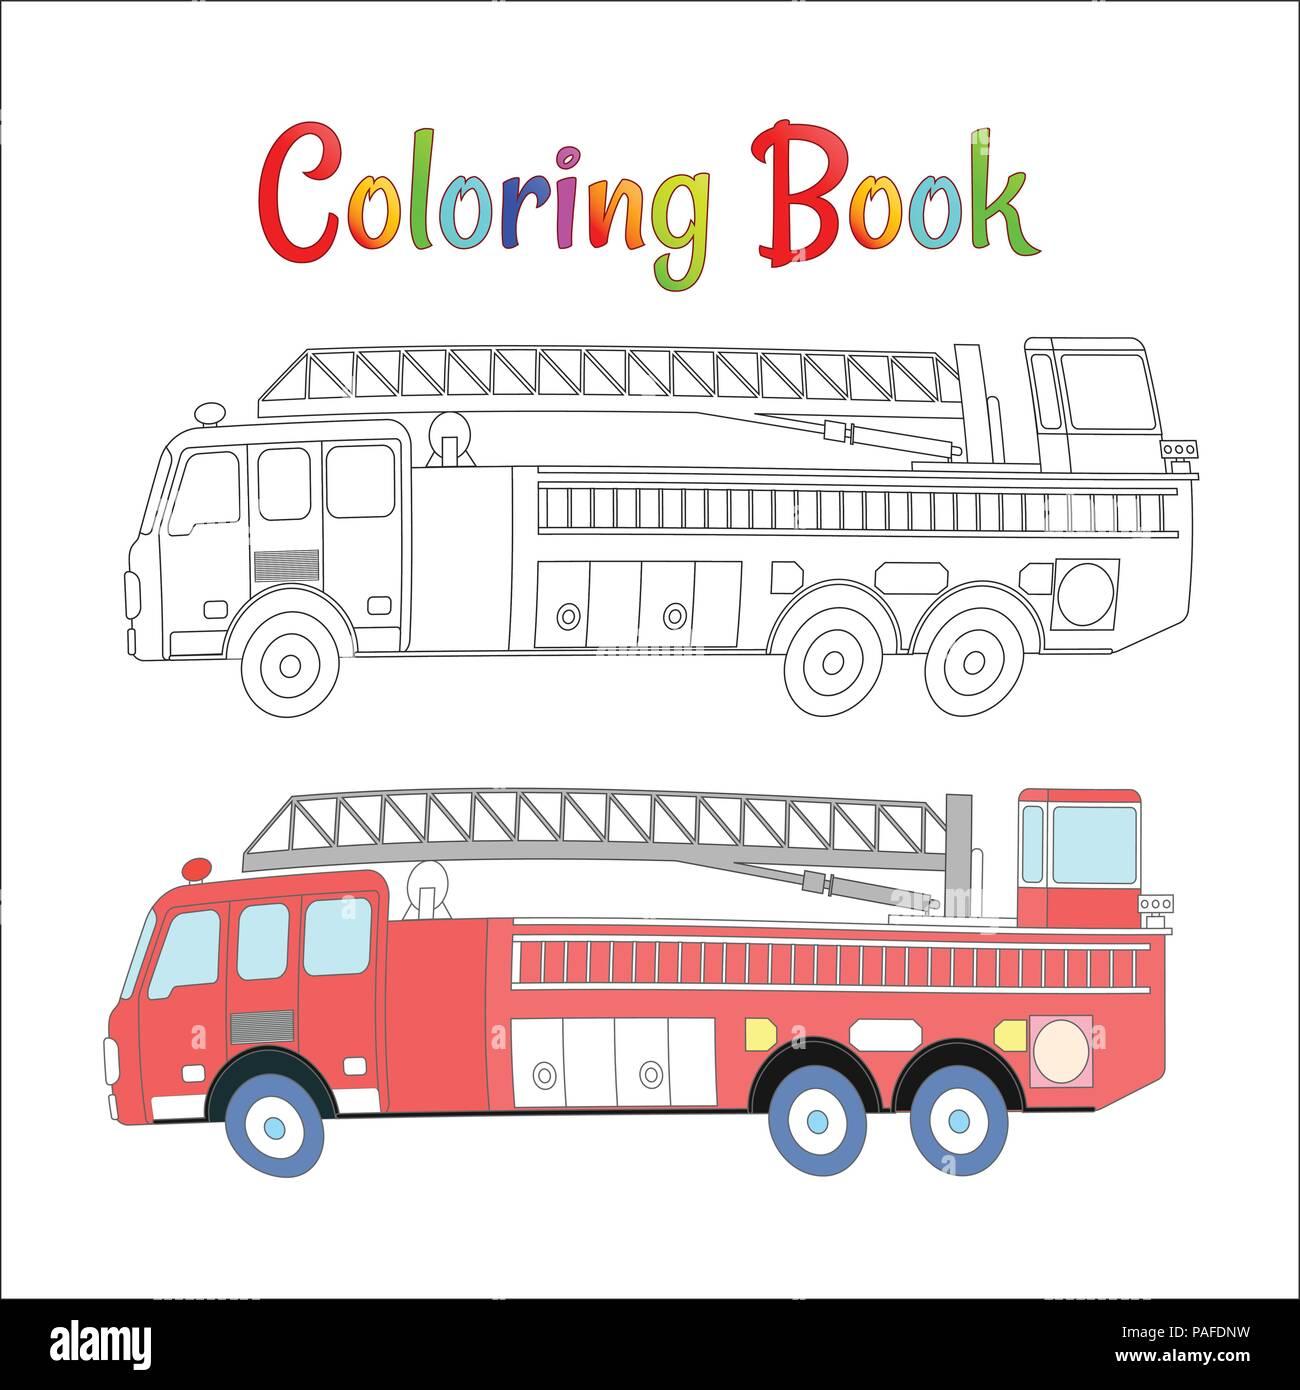 Cartoon Fire Truck Stockfotos & Cartoon Fire Truck Bilder - Alamy